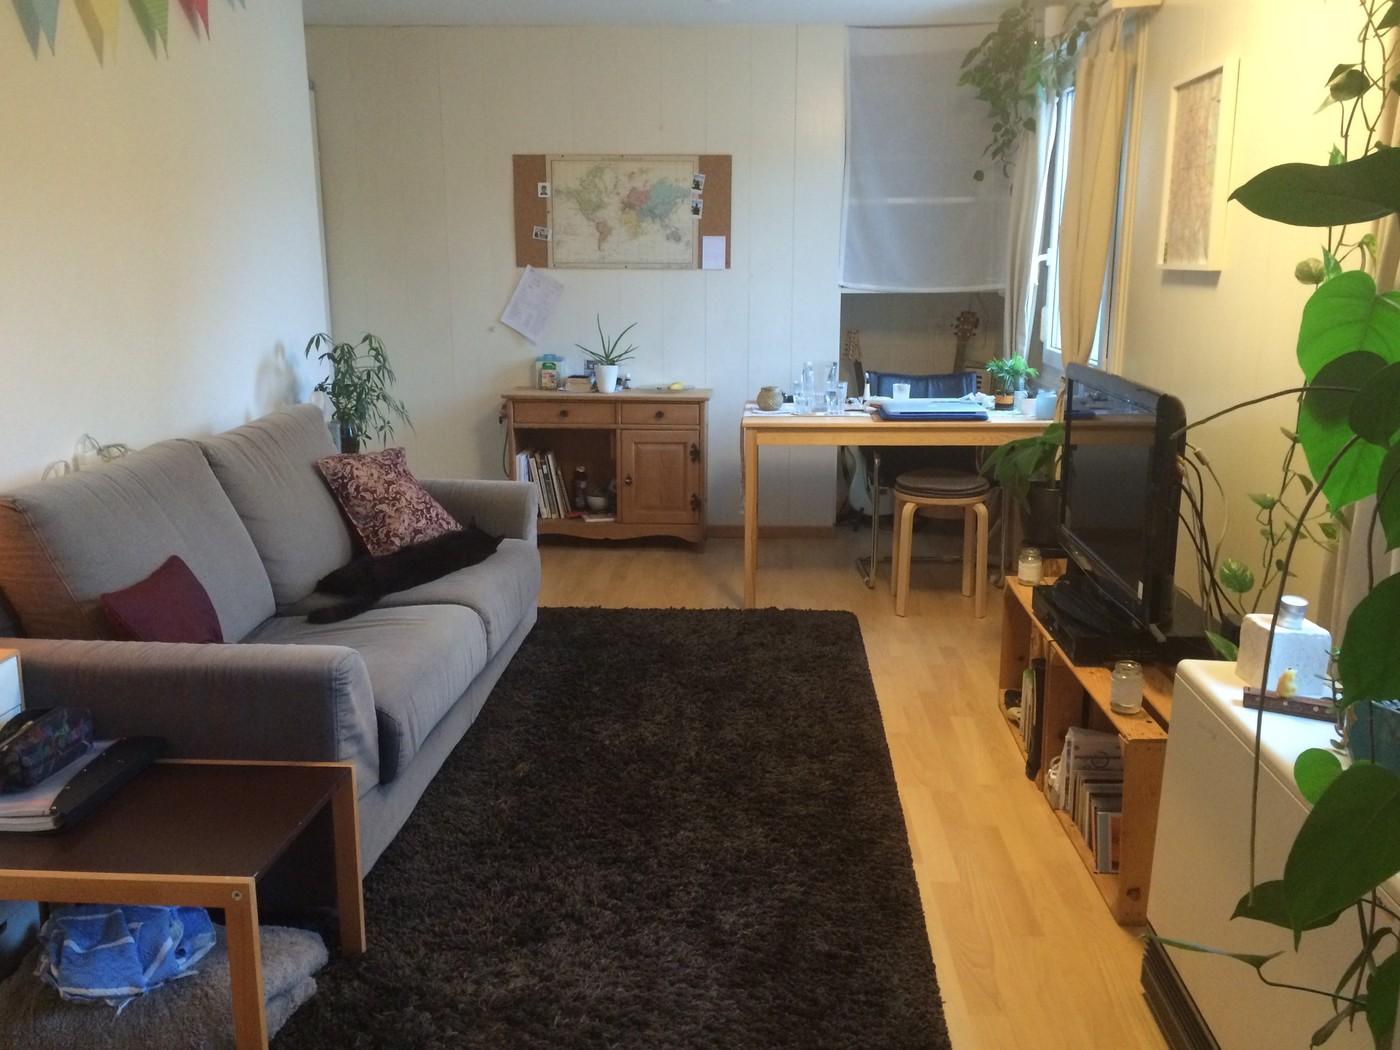 2 zimmer wohnung in grafstal mieten flatfox. Black Bedroom Furniture Sets. Home Design Ideas